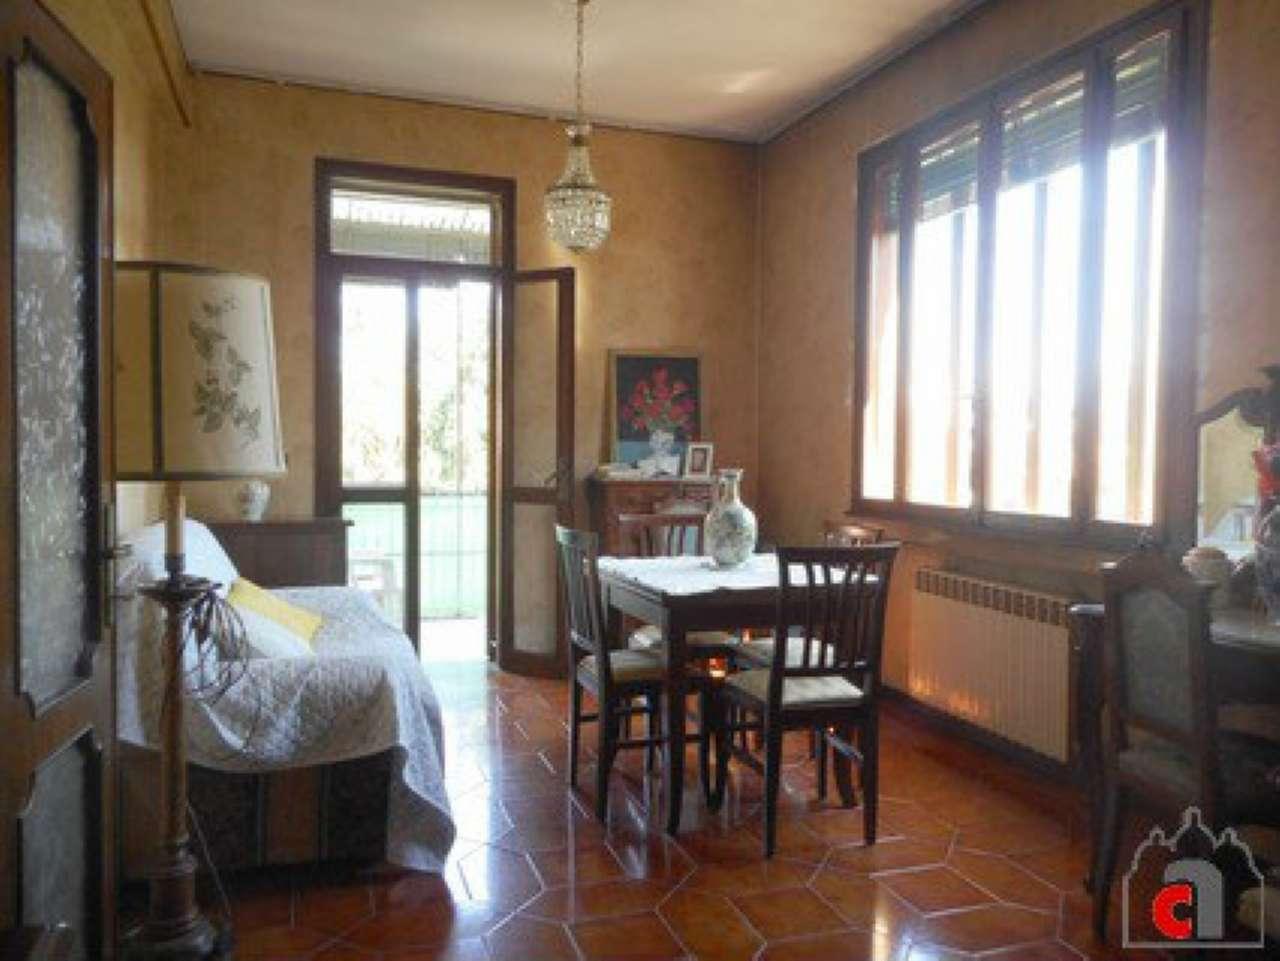 Appartamento in vendita a Padova, 5 locali, zona Zona: 4 . Sud-Est (S.Croce-S. Osvaldo, Bassanello-Voltabarozzo), prezzo € 120.000 | CambioCasa.it